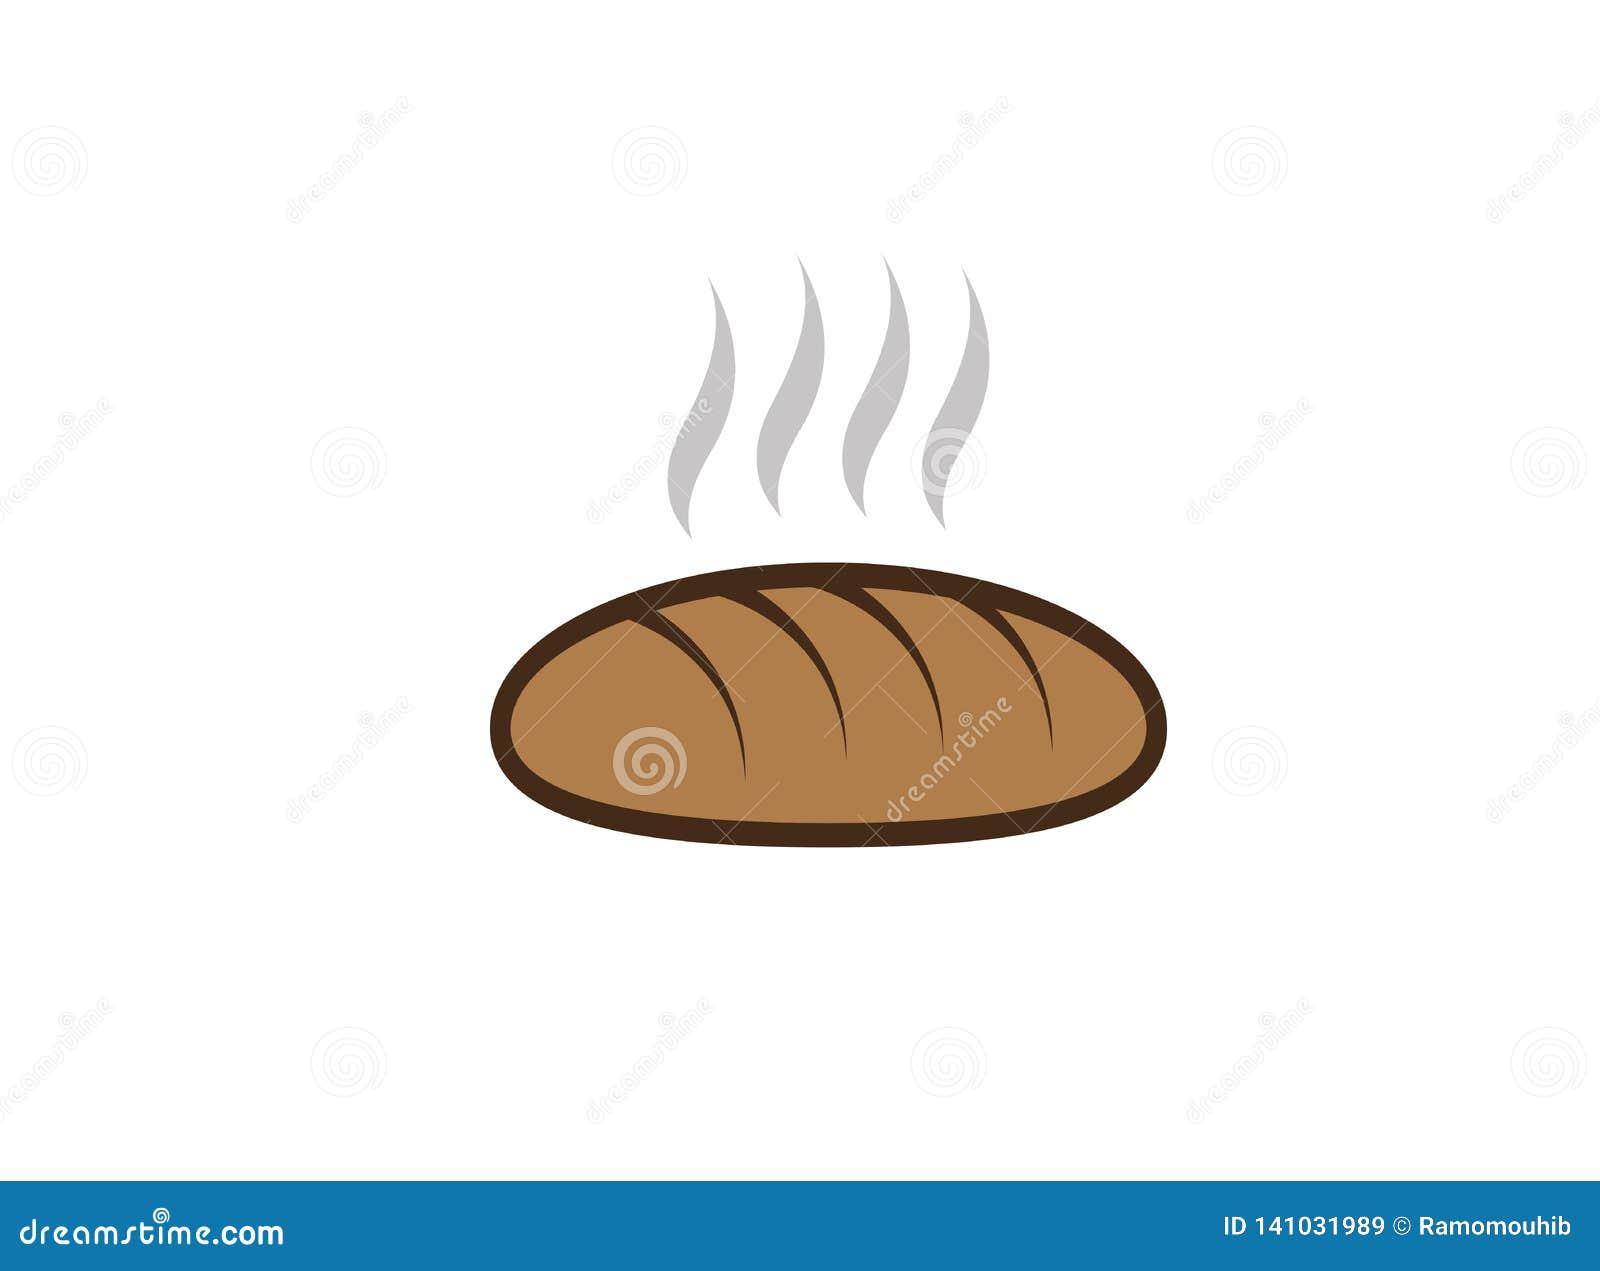 Творческий горячий хлеб для иллюстрации дизайна логотипа, символа магазина пекарни